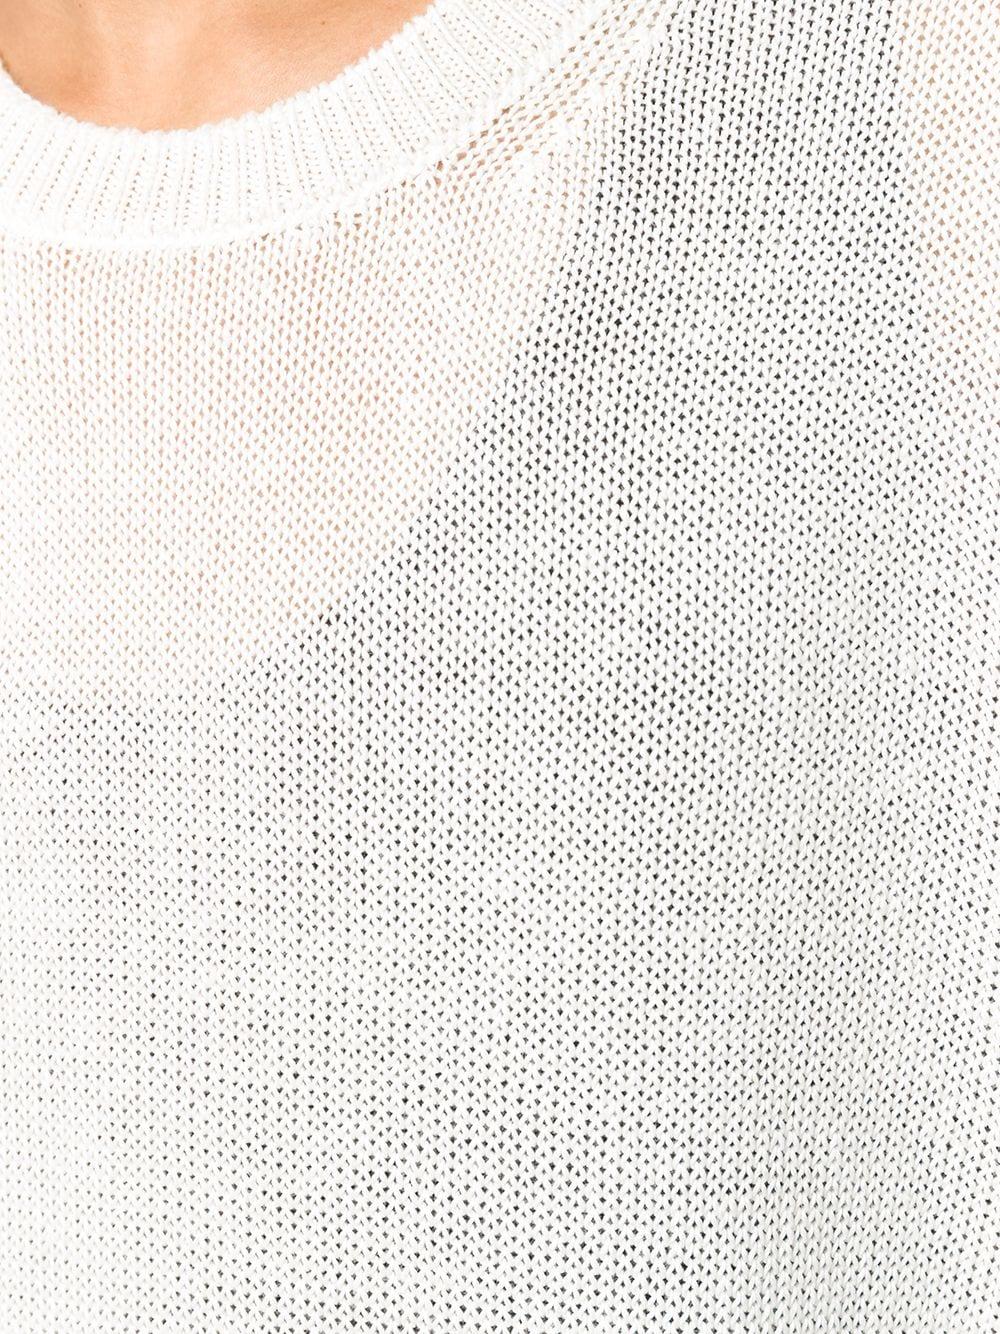 ANN DEMEULEMEESTER ANN DEMEULEMEESTER | Sweaters | 20074002252002